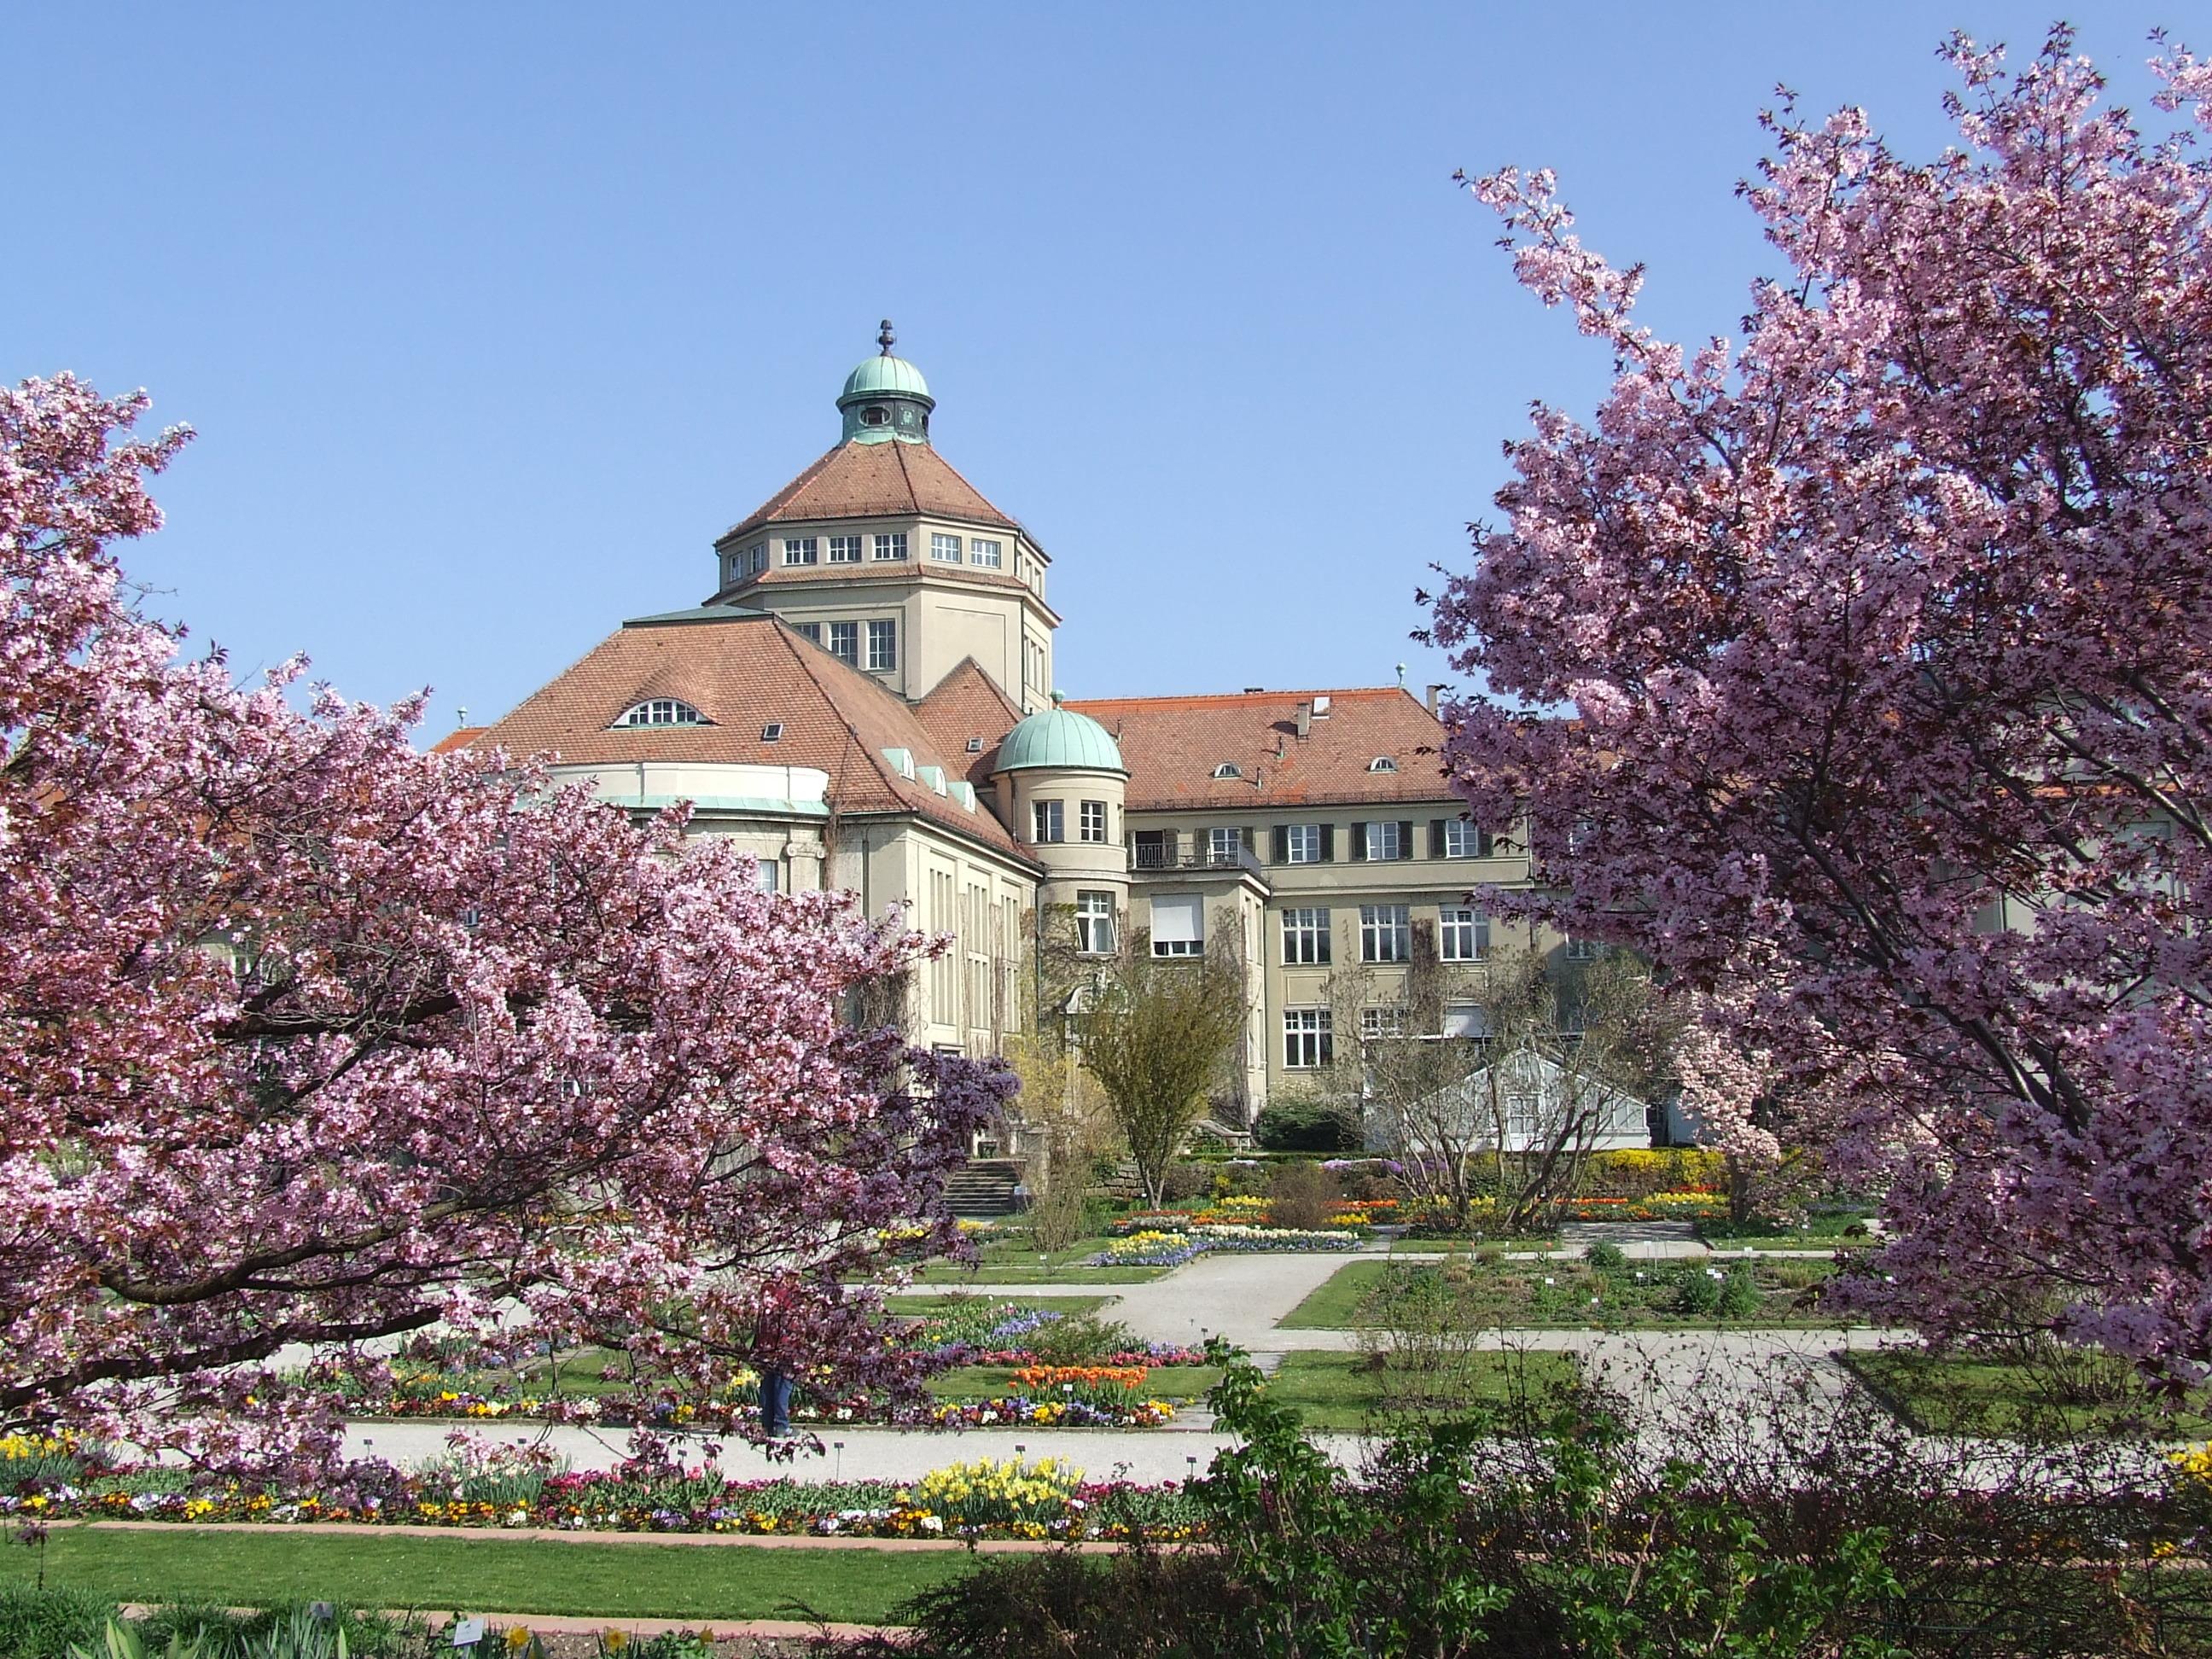 File Botanischer Garten München Nymphenburg Schmuckhof jpg Wikimedia Commons